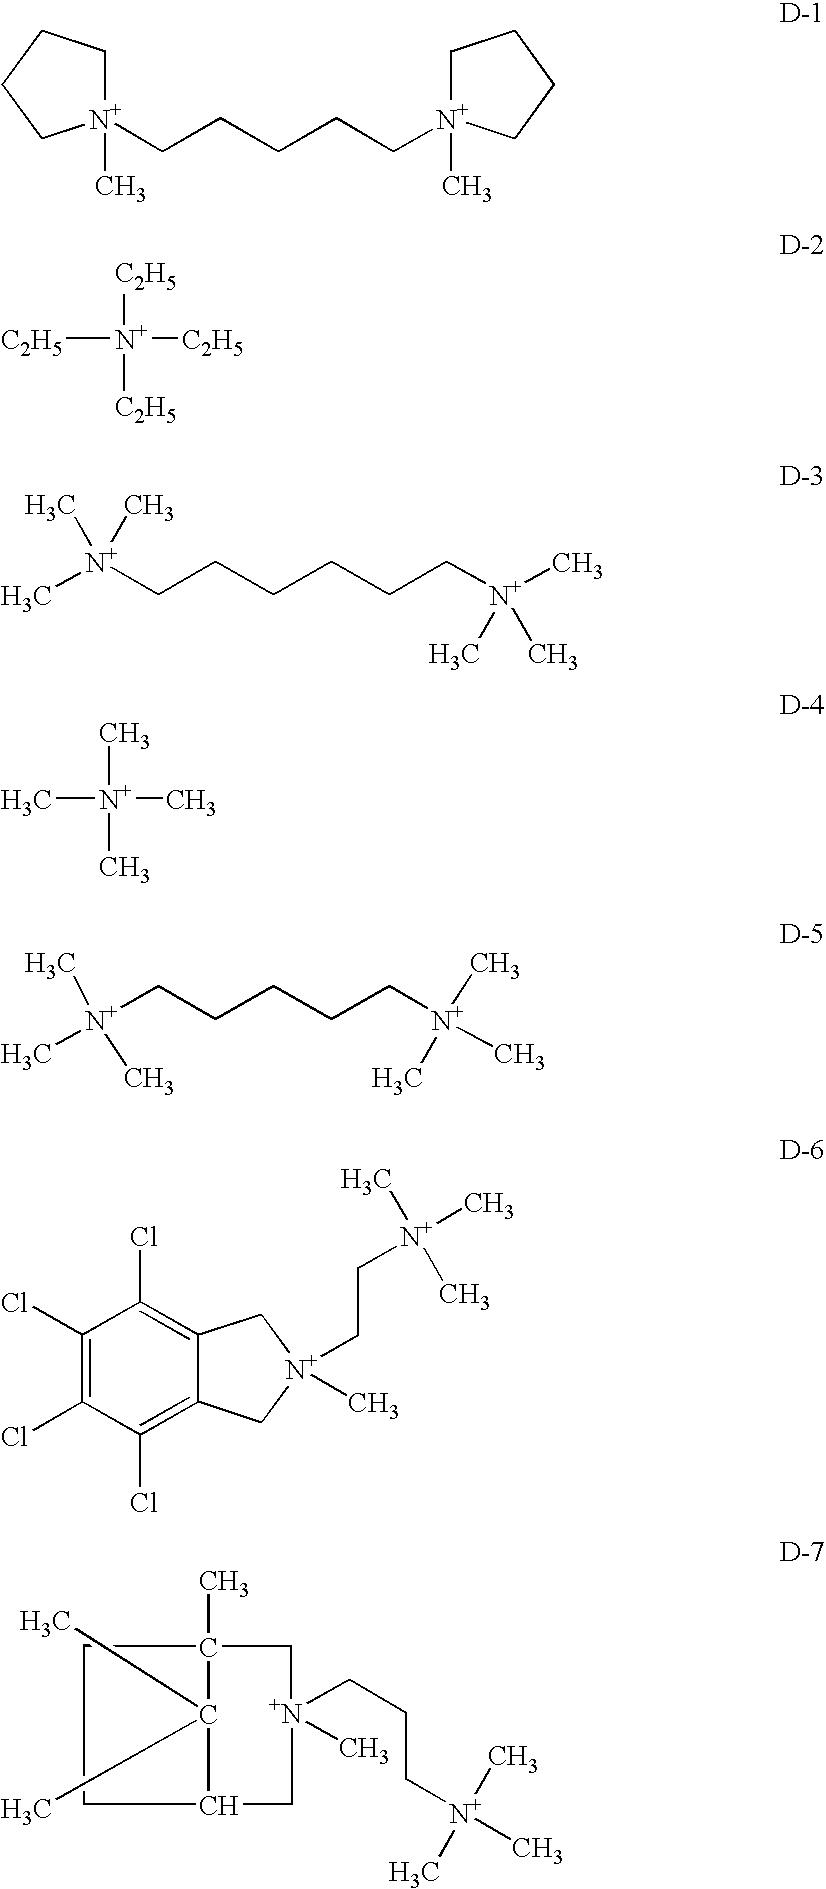 Figure US20070299043A1-20071227-C00143